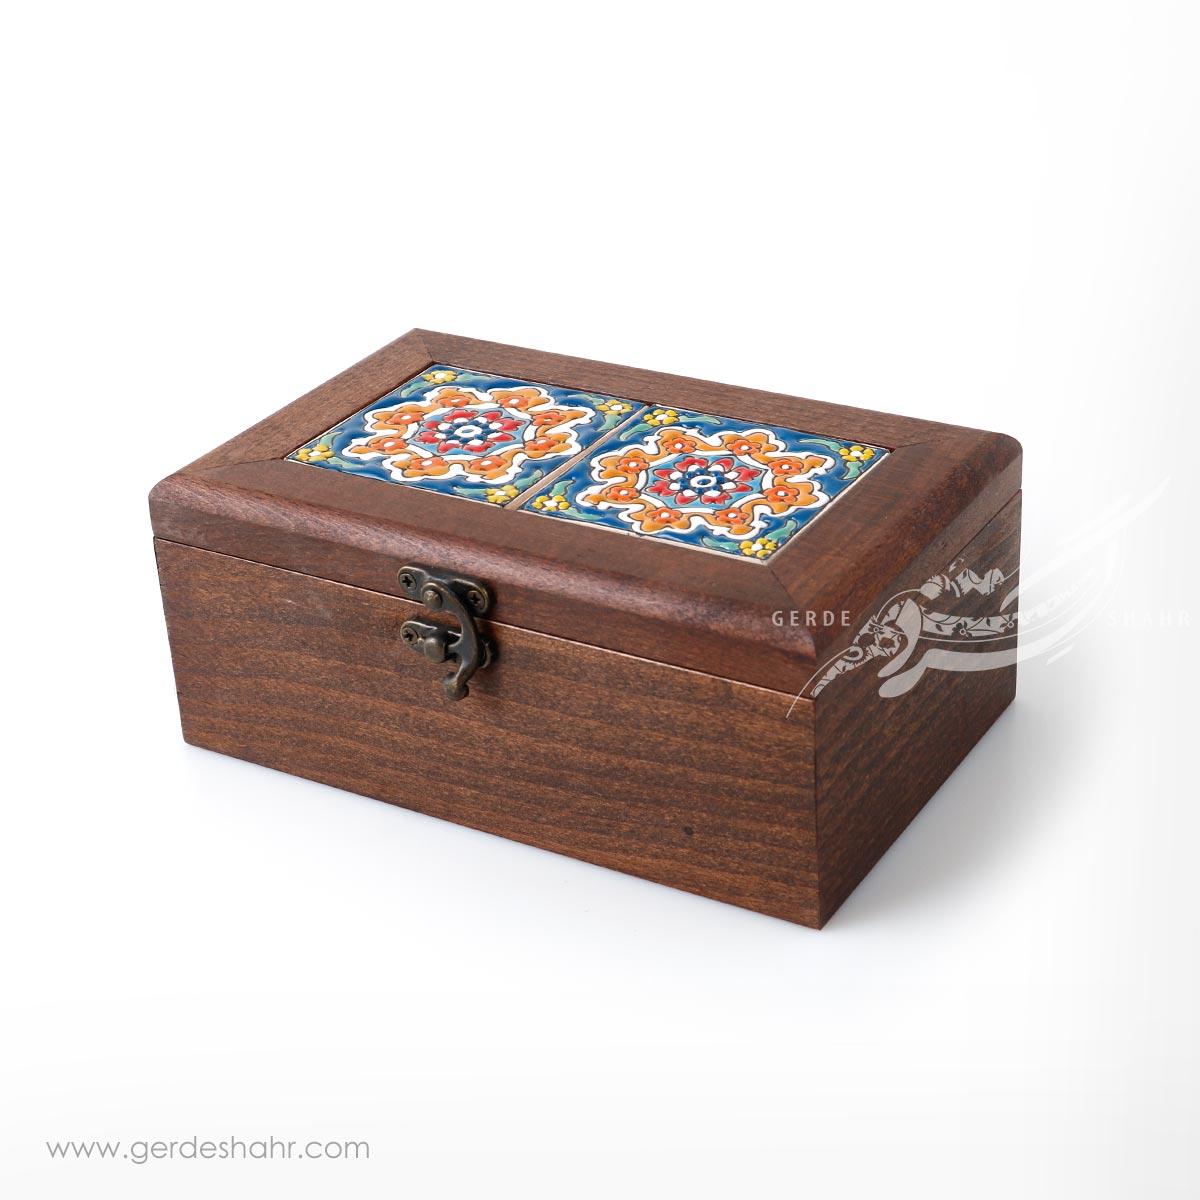 جعبه چوبی کاشی طرح 7 کیمیاگر محصولات